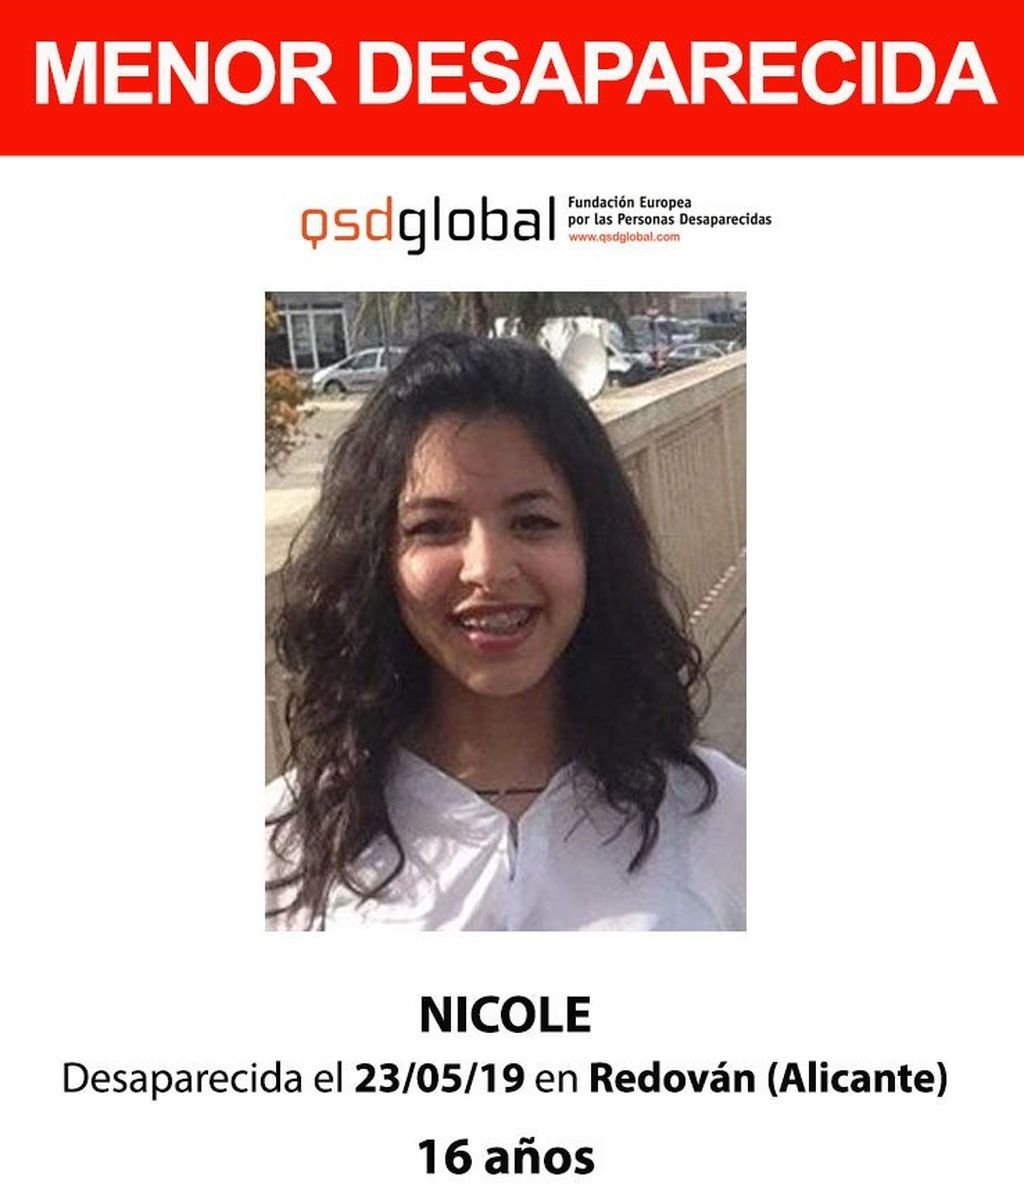 Buscan a Nicole, una menor de 16 años desaparecida en Alicante